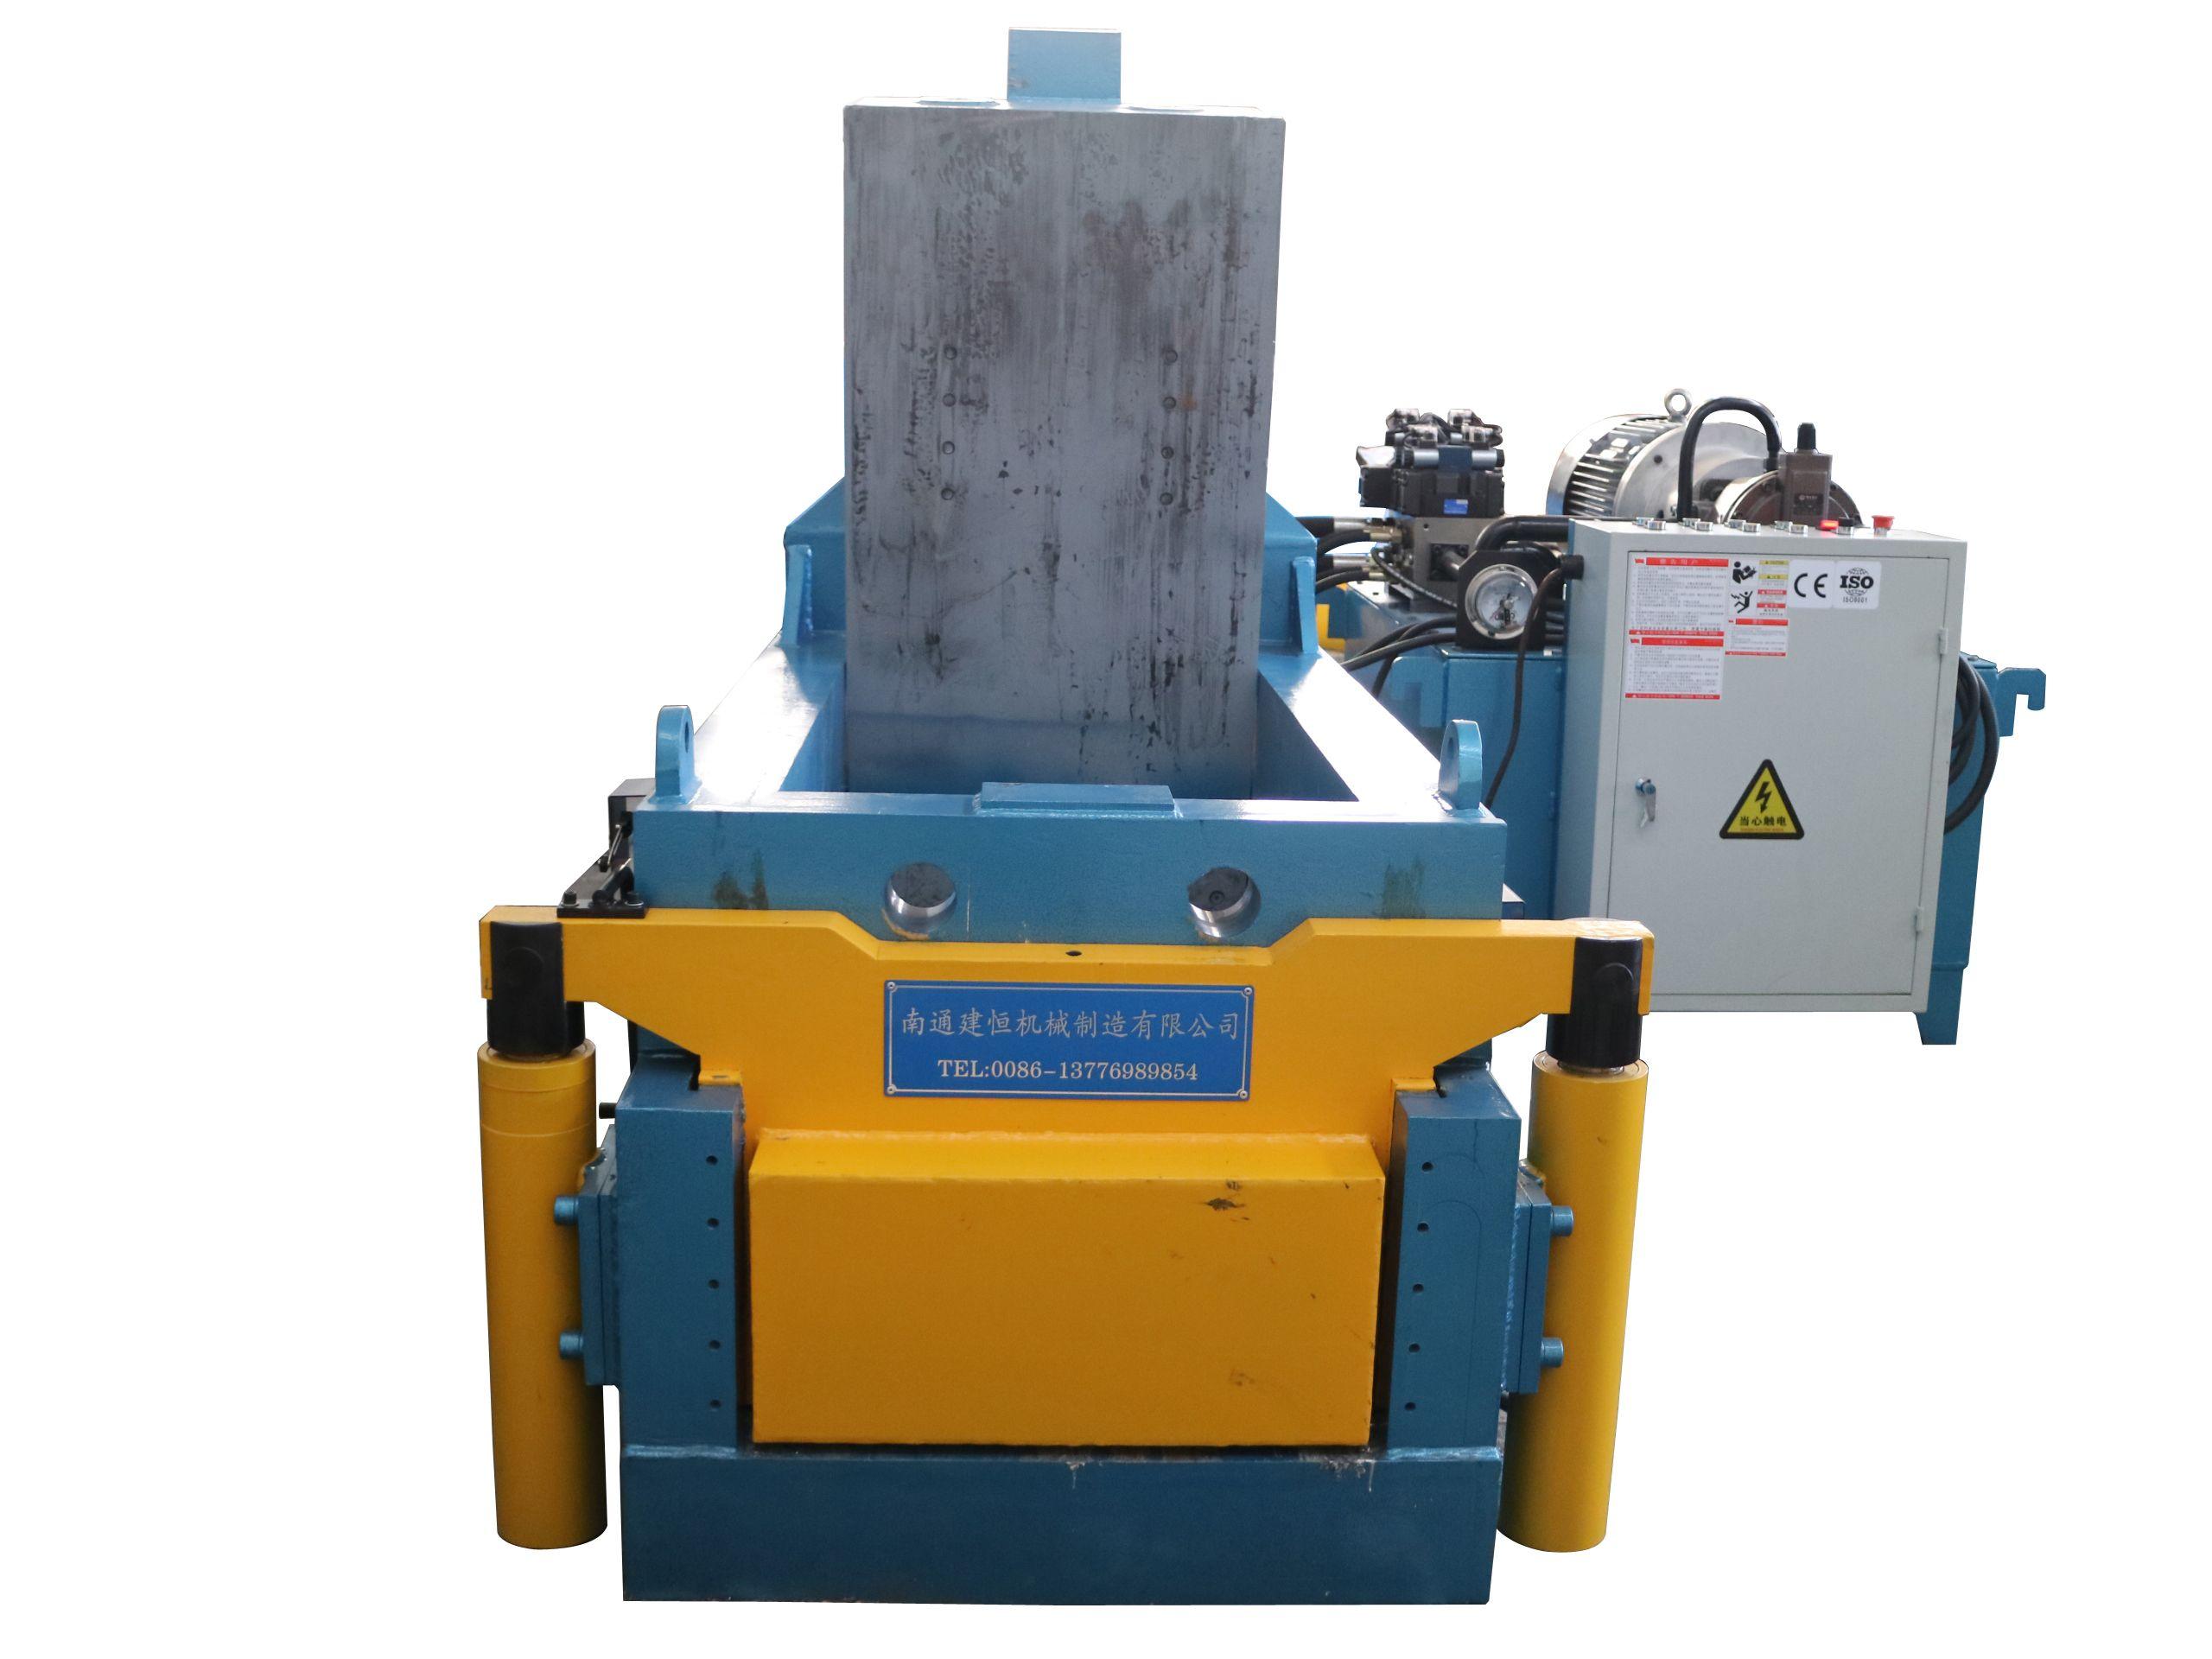 专业废纸打包机  废纸打包机生产厂家 废纸打包机价格